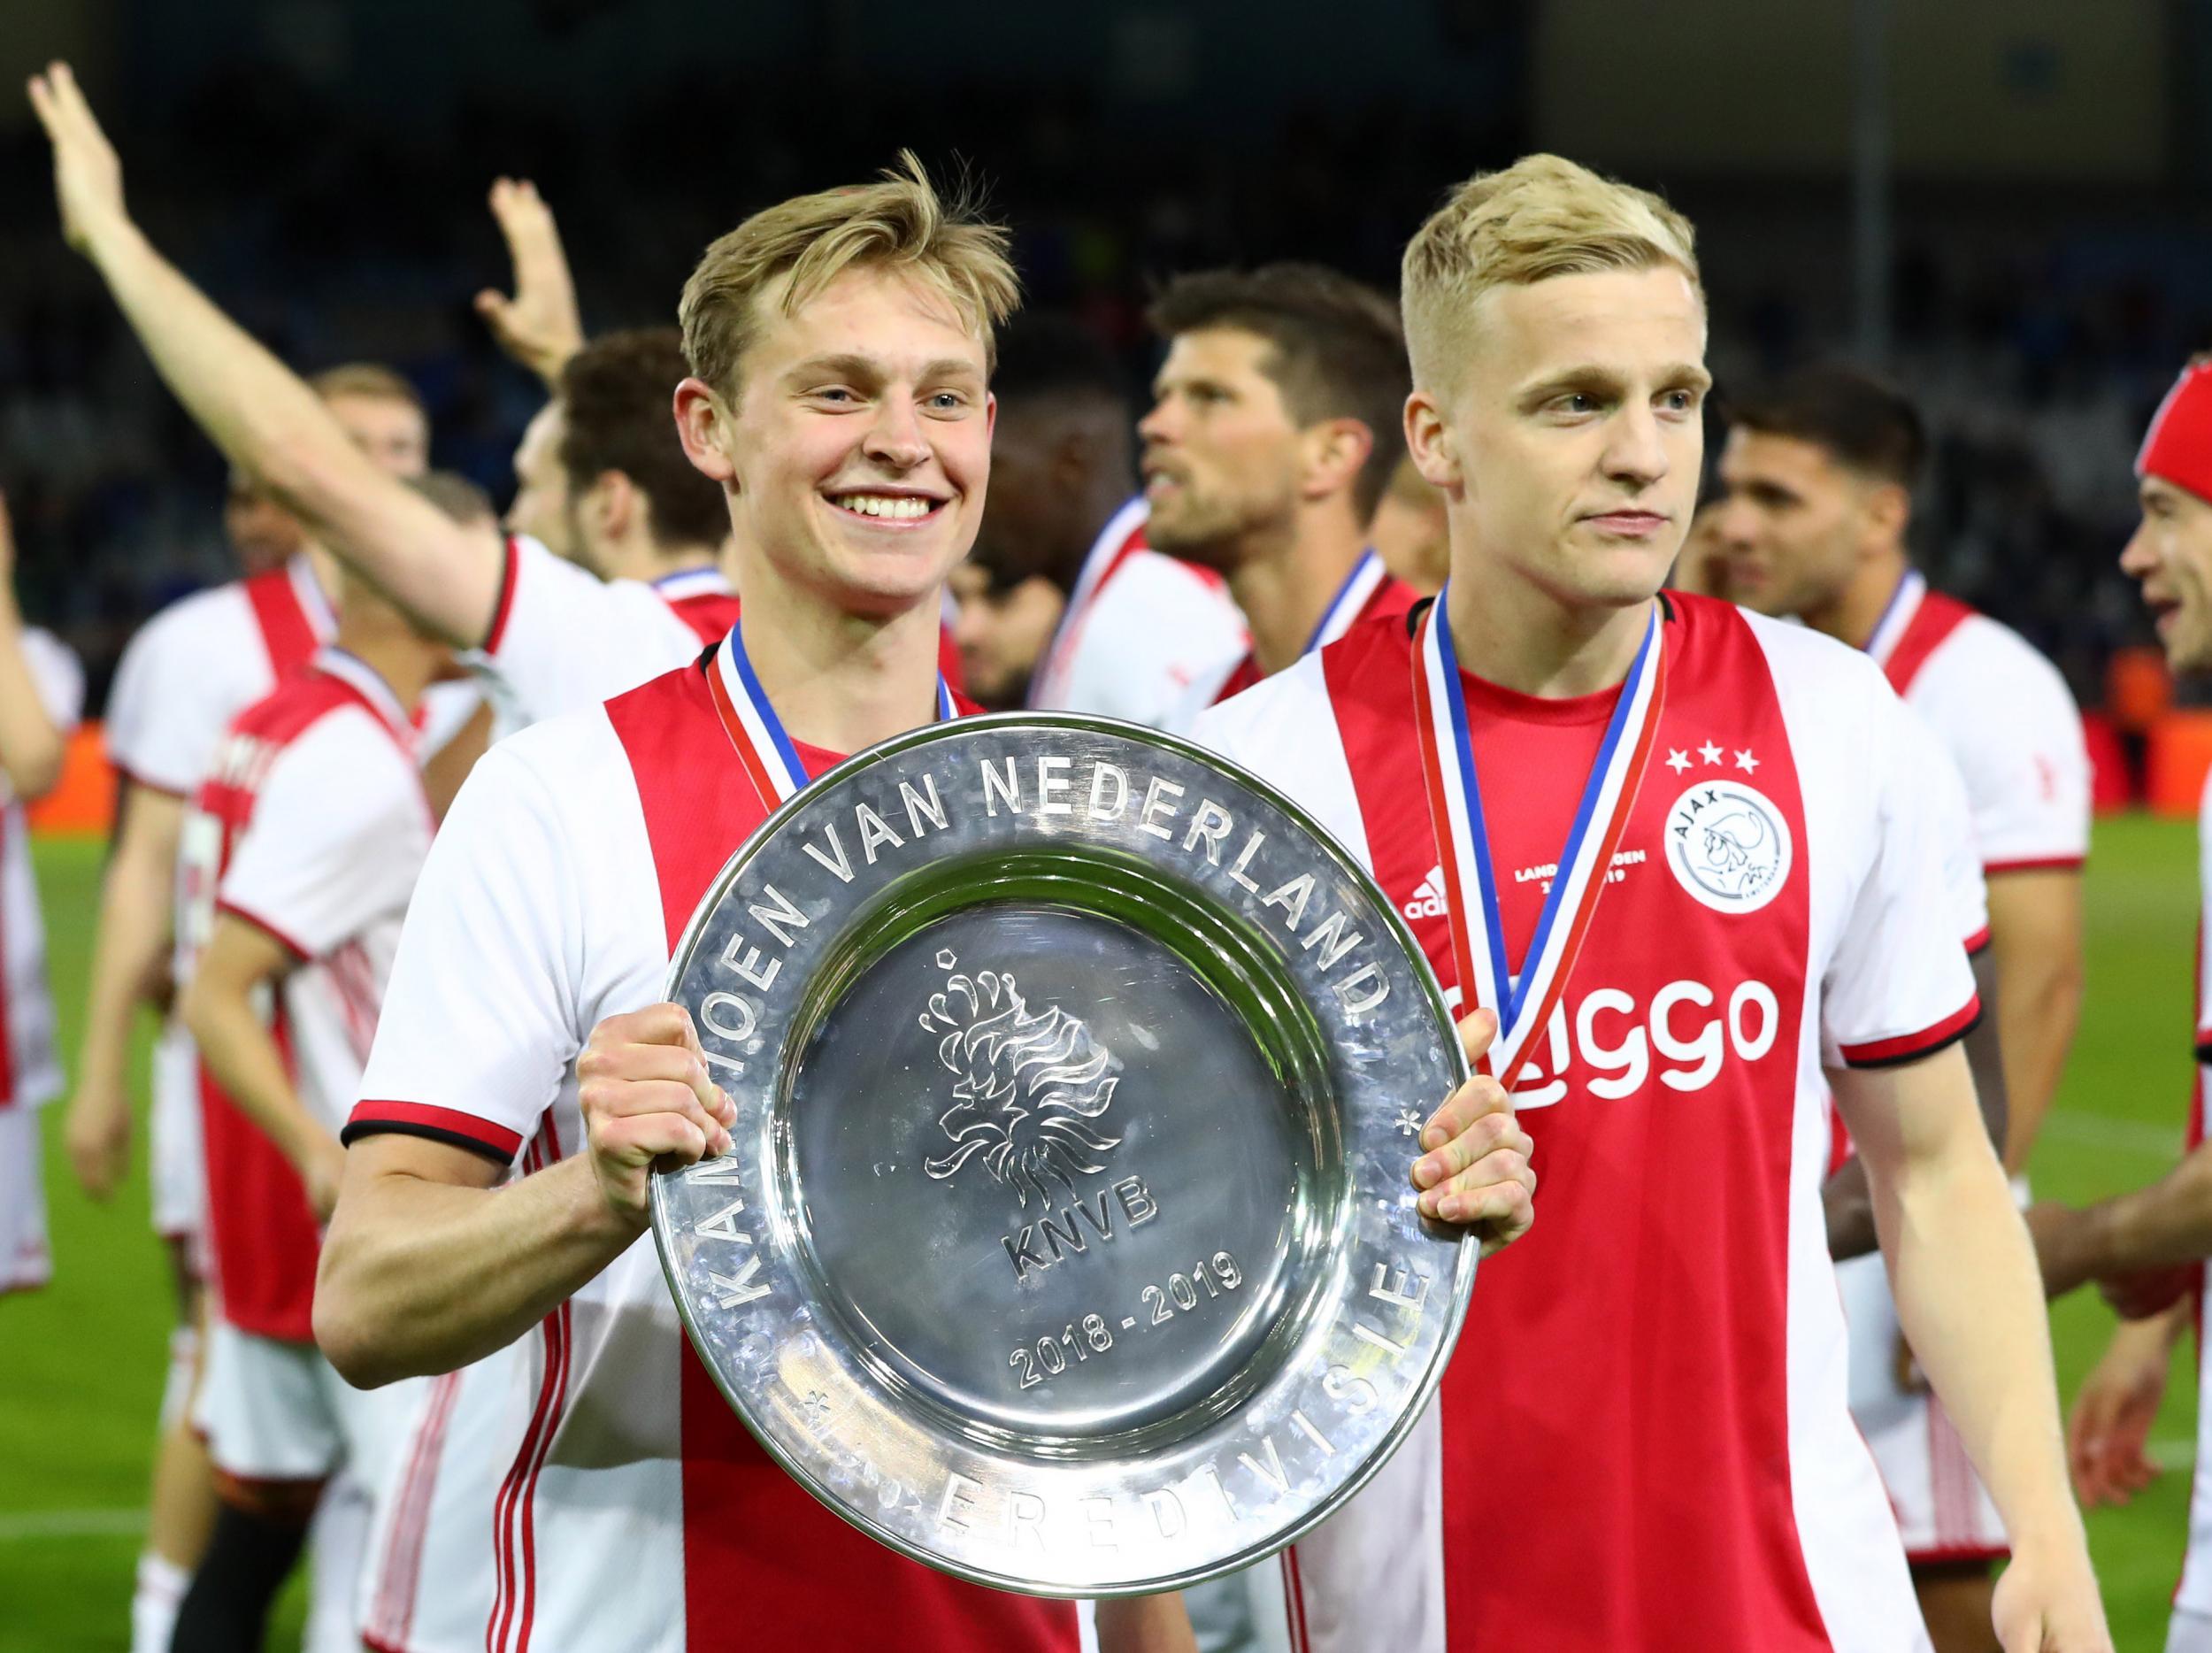 Thành công của những tài năng trẻ tại Ajax trở thành bệ phóng cho họ tới các Siêu CLB và đem lại nguồn tiền lớn cho Ajax